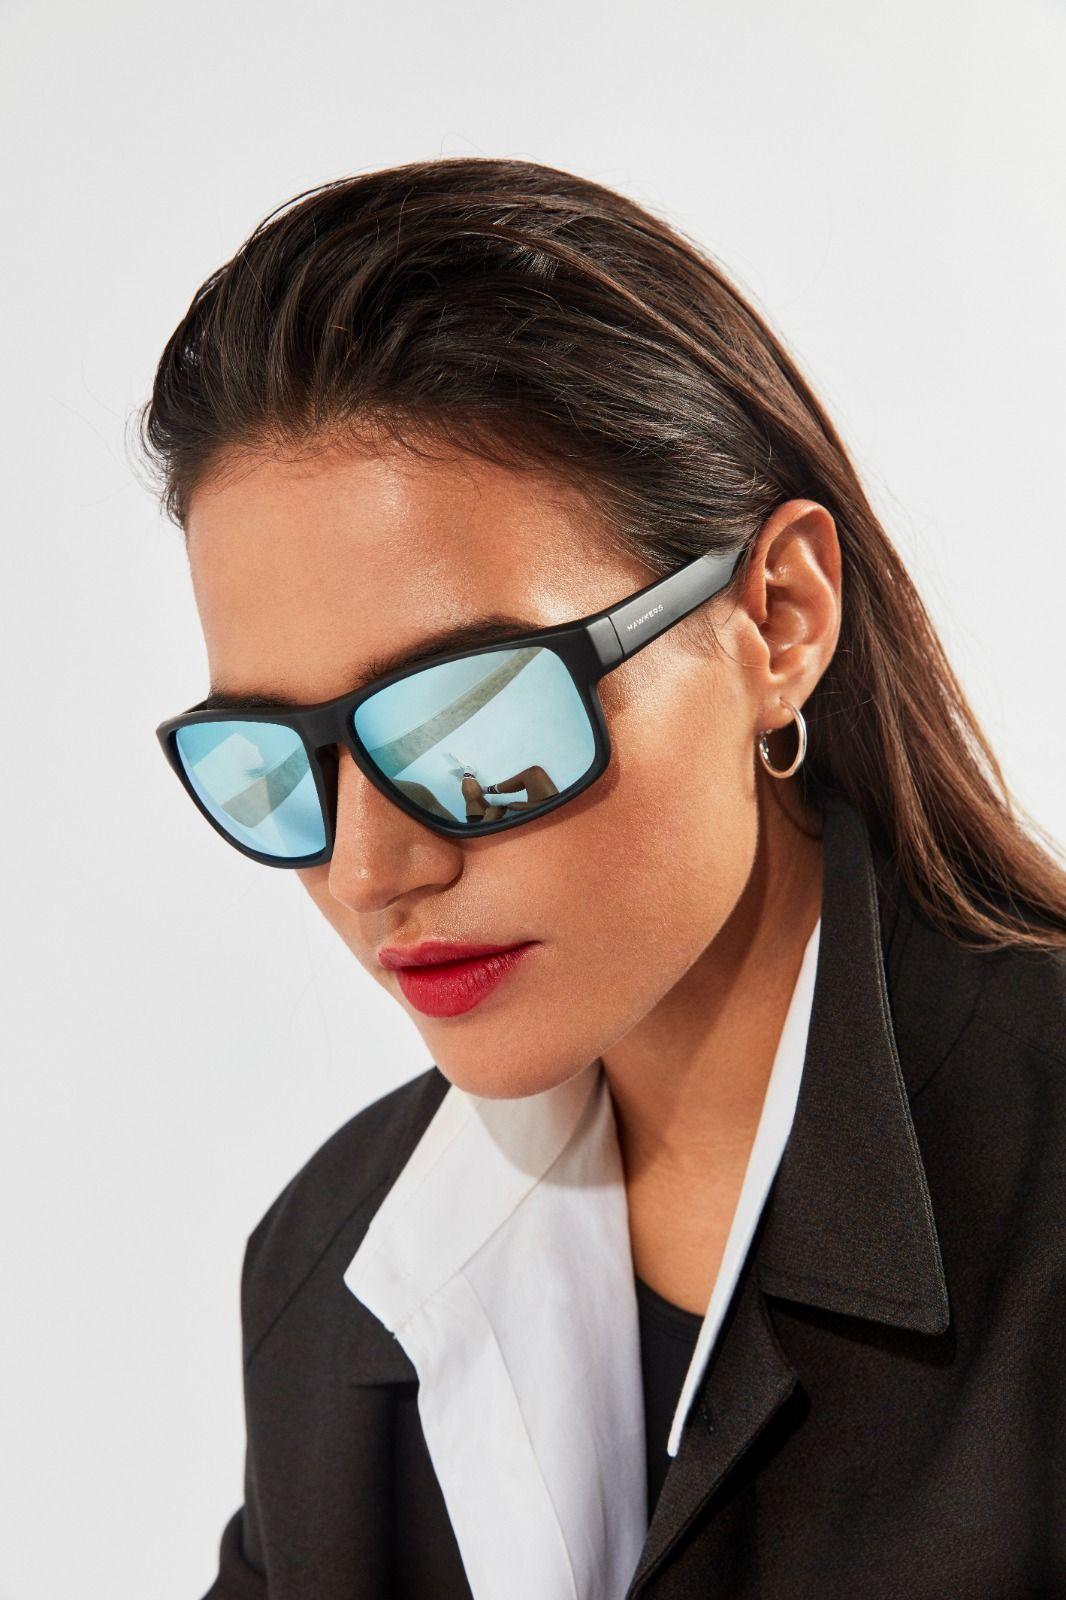 91e0e1459b Gafas de sol Hawkers para hombre y mujer resistentes y flexibles. Diseño  envolvente de estilo